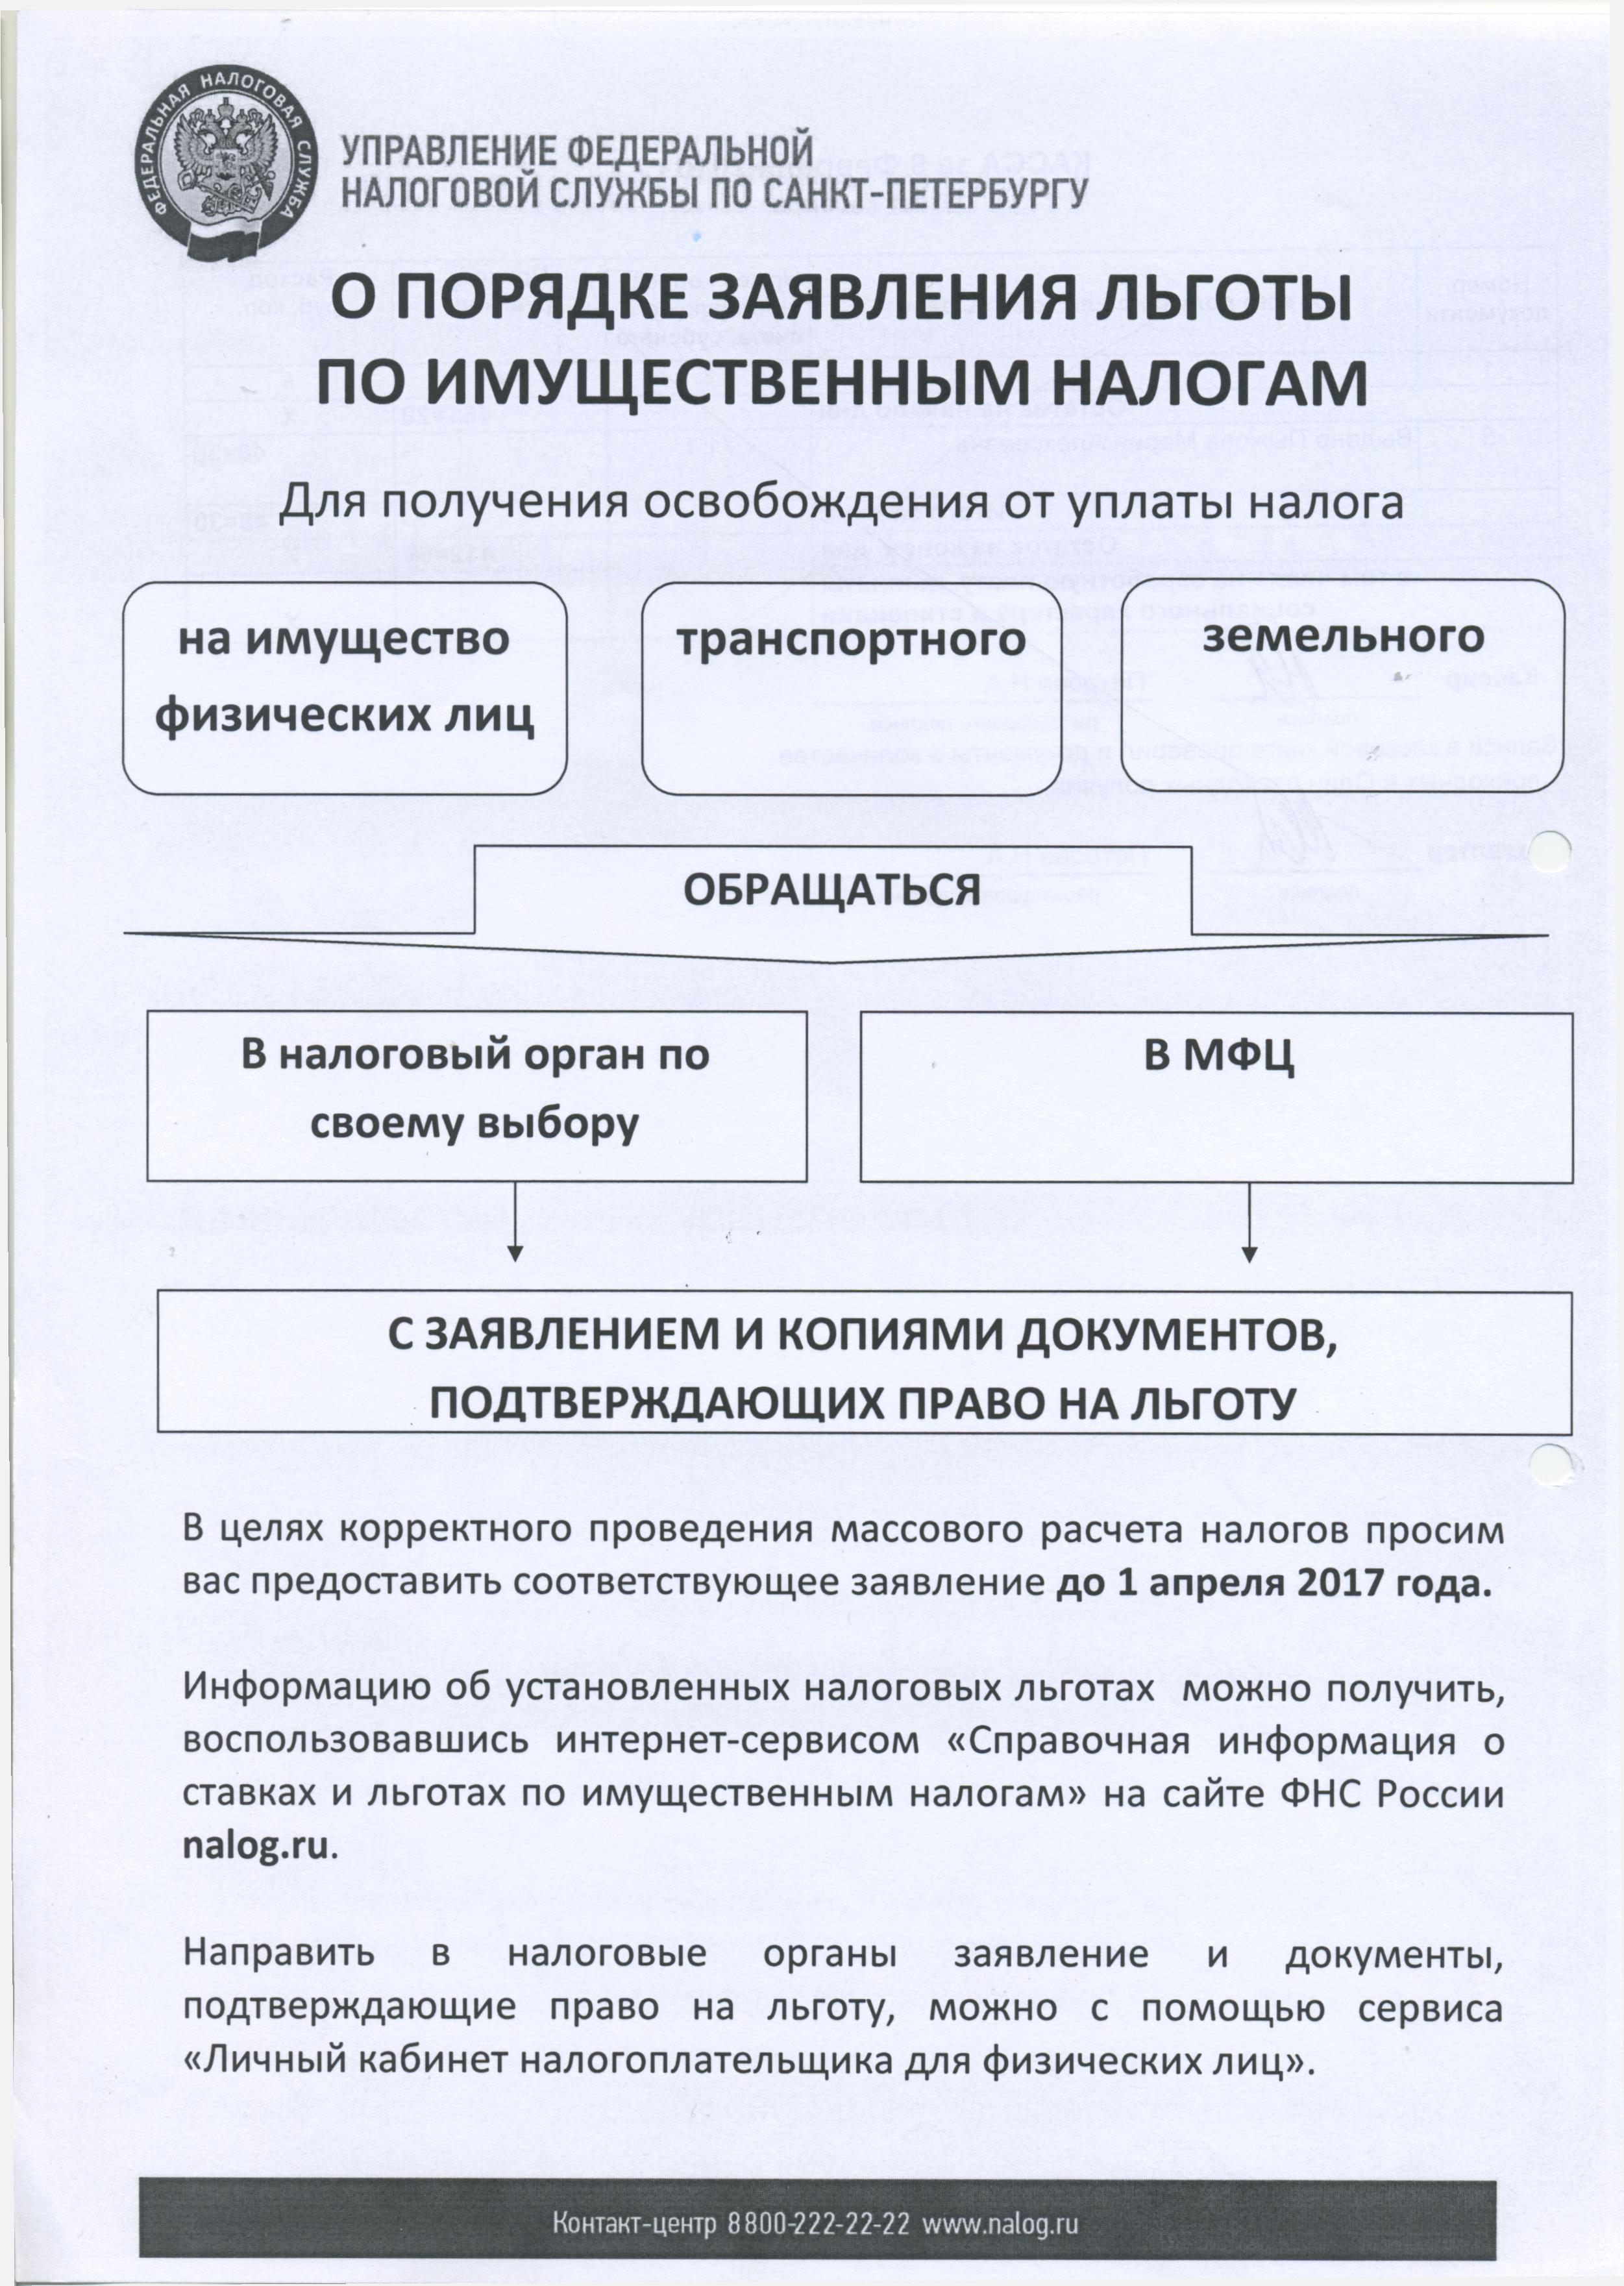 Какие существуют категории льготных граждан в россии?